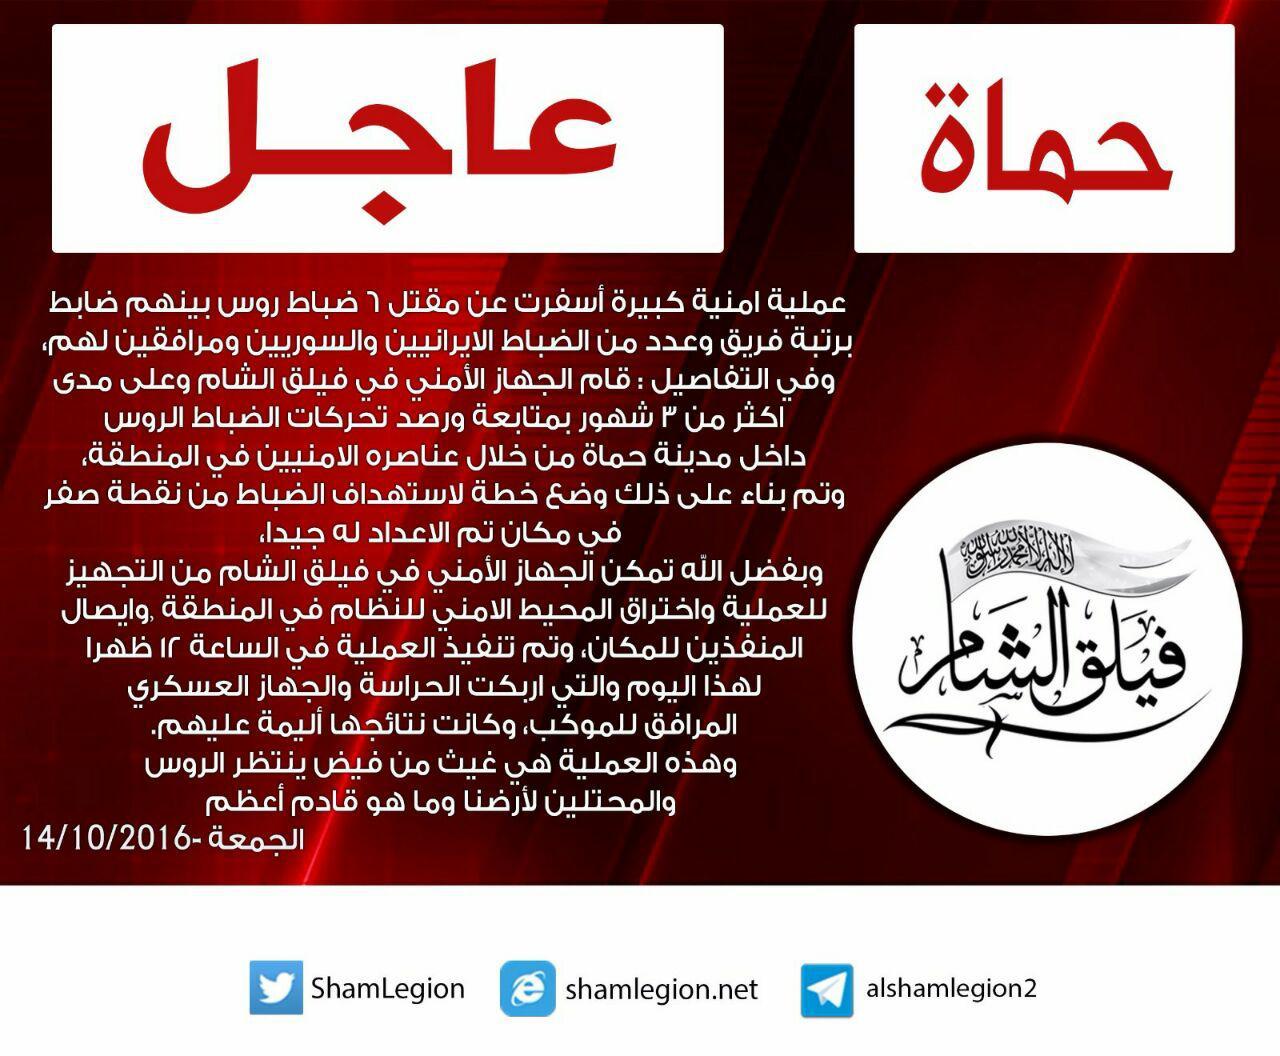 """بيان """"فيلق الشام"""" 14 تشرين الأول (حساب الفصيل على تيلغرام)"""